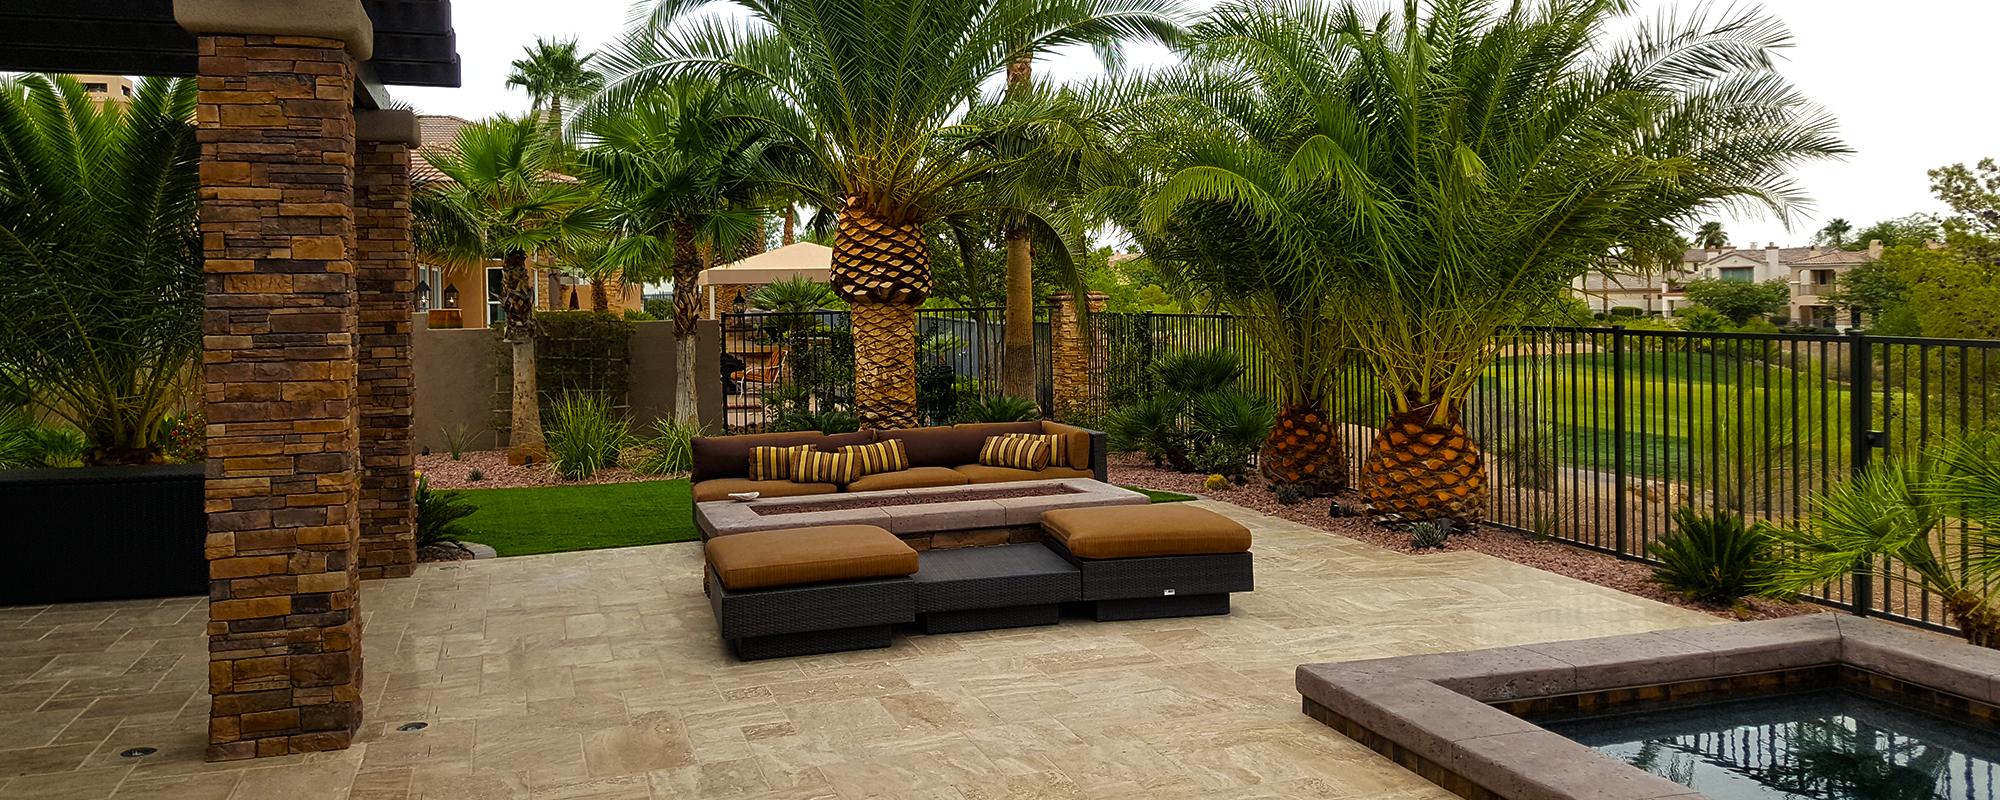 Las Vegas Landscape Company, Maintenance And Design